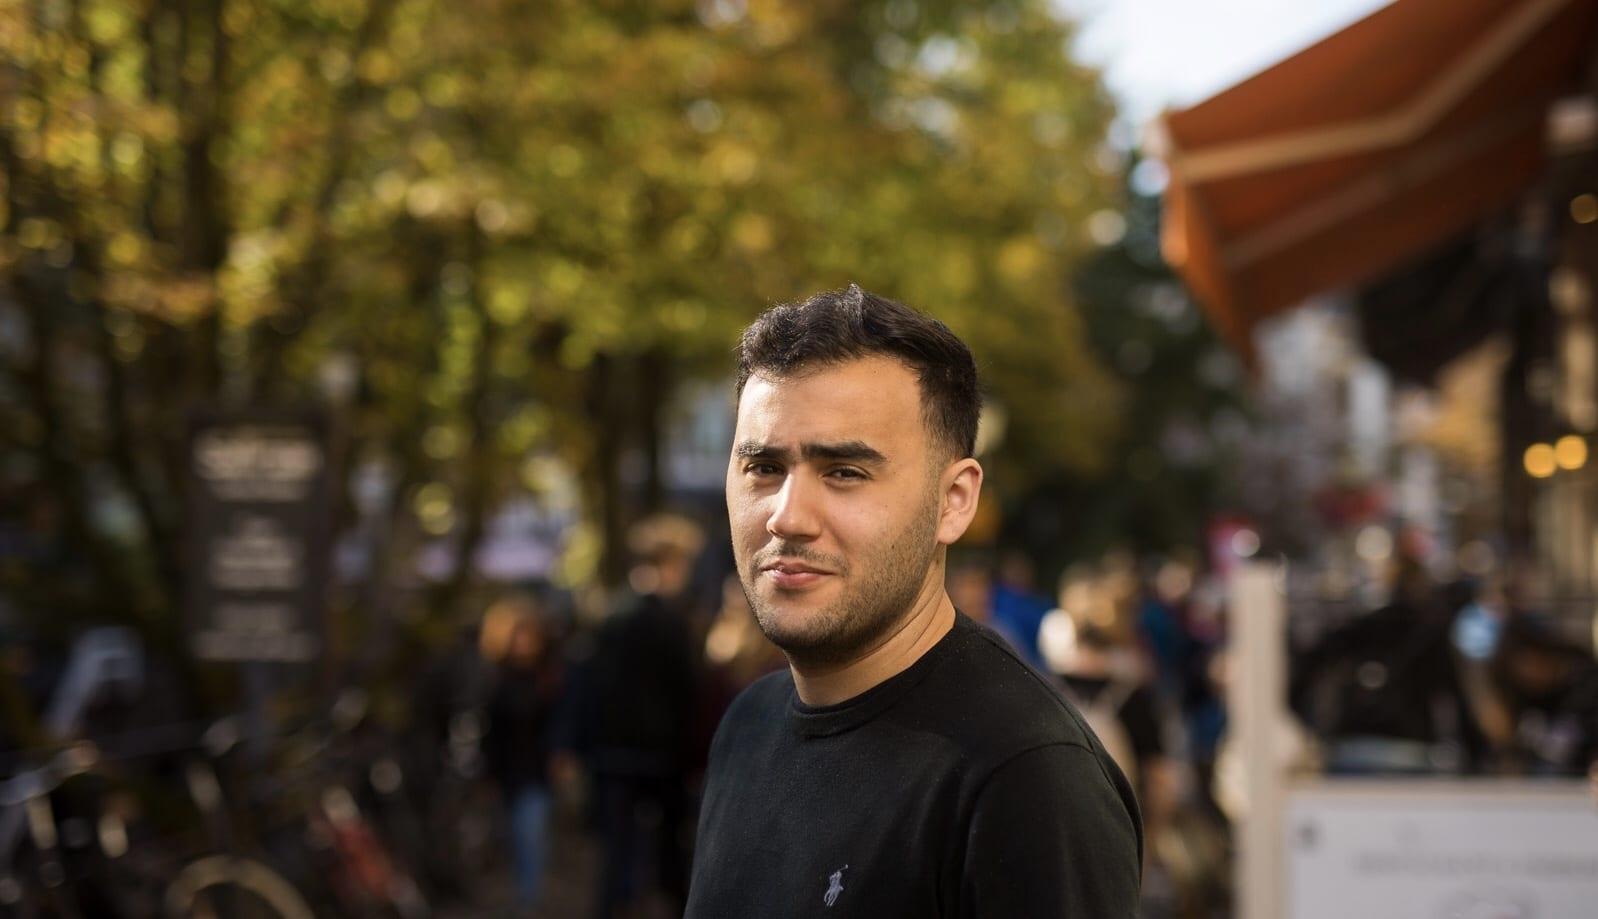 Ali Amghar